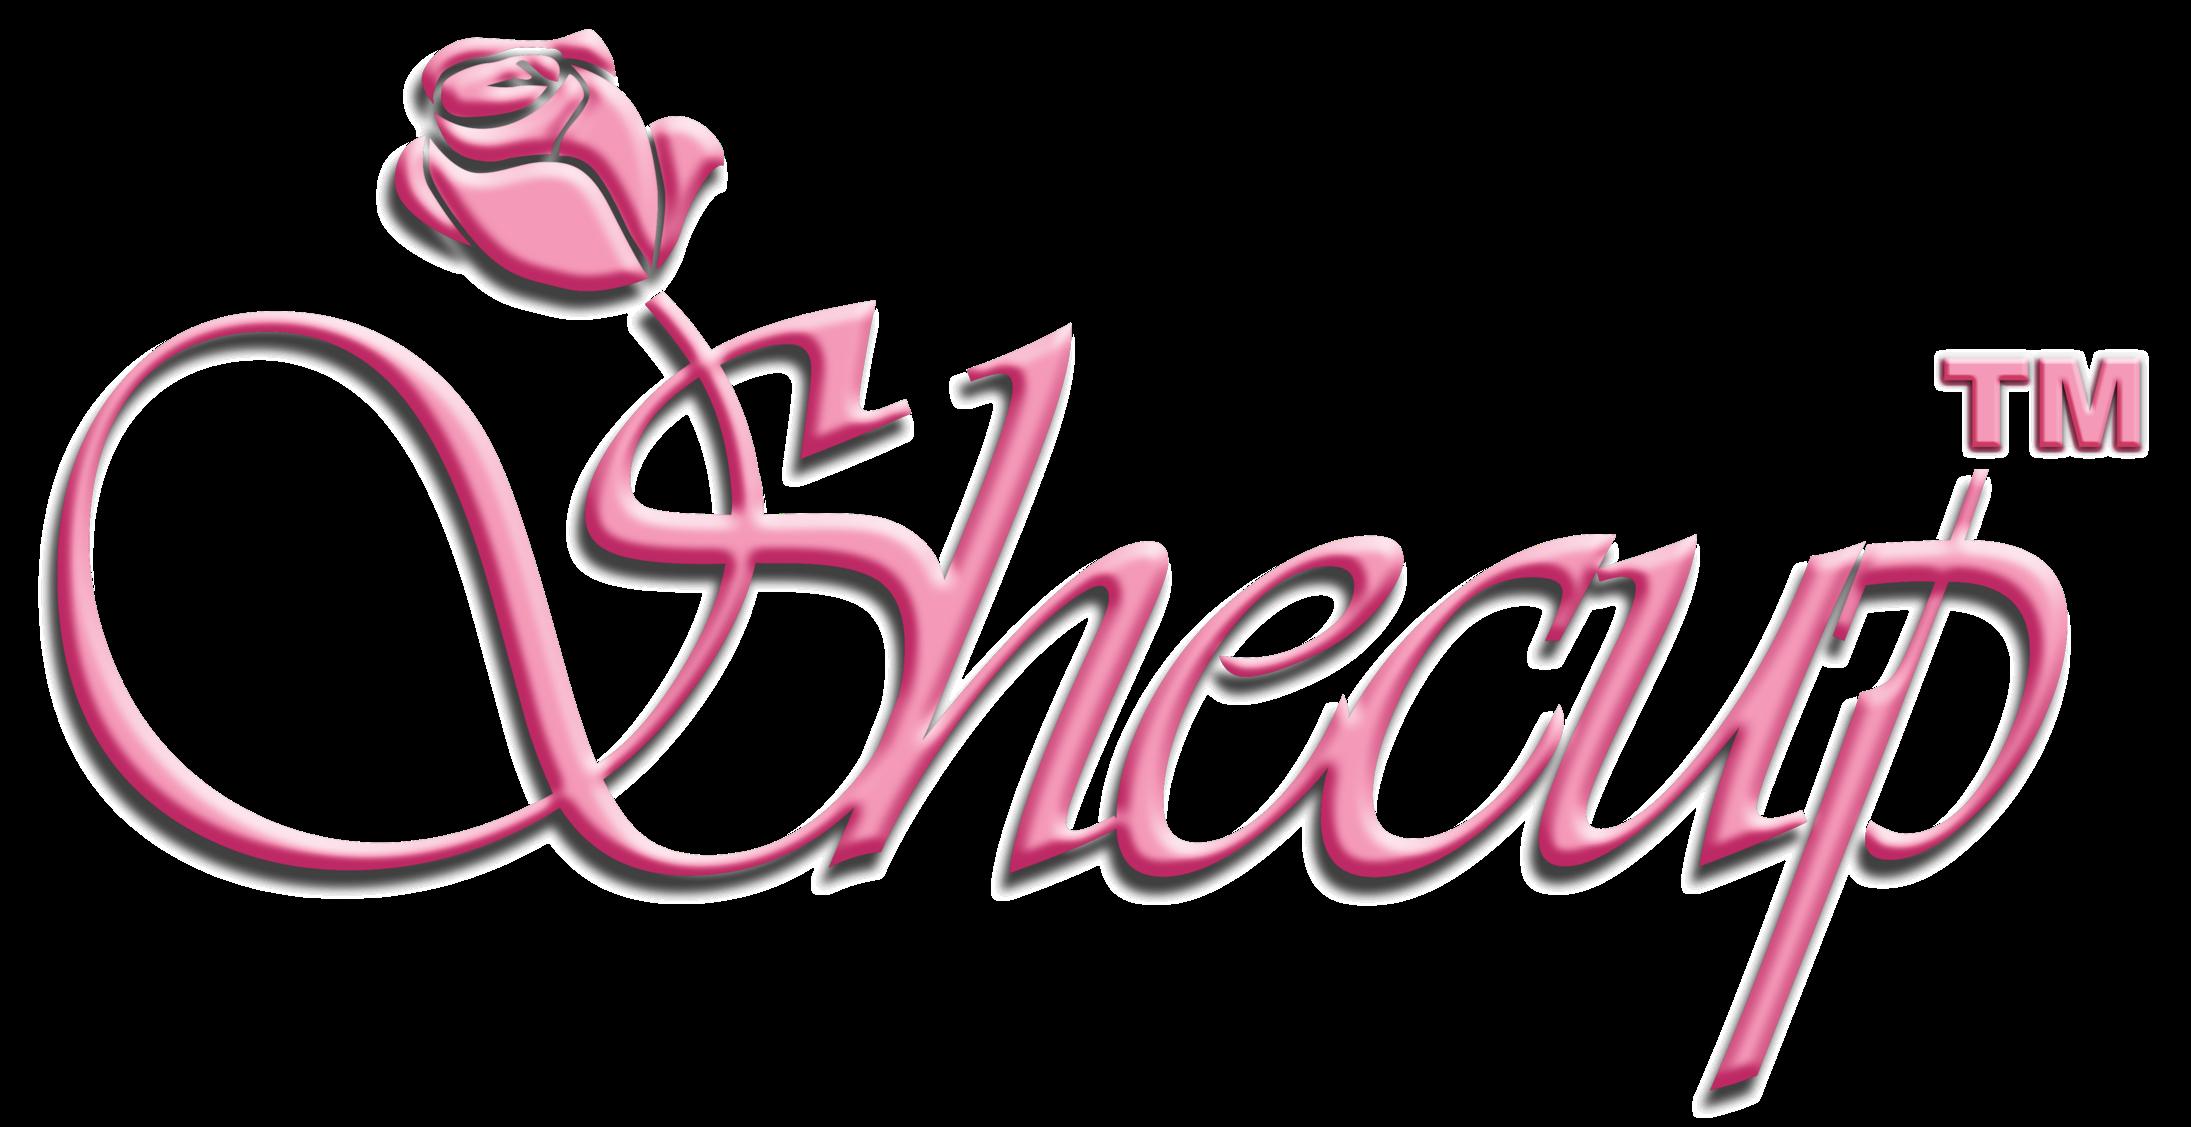 Shecup_logo-0.png